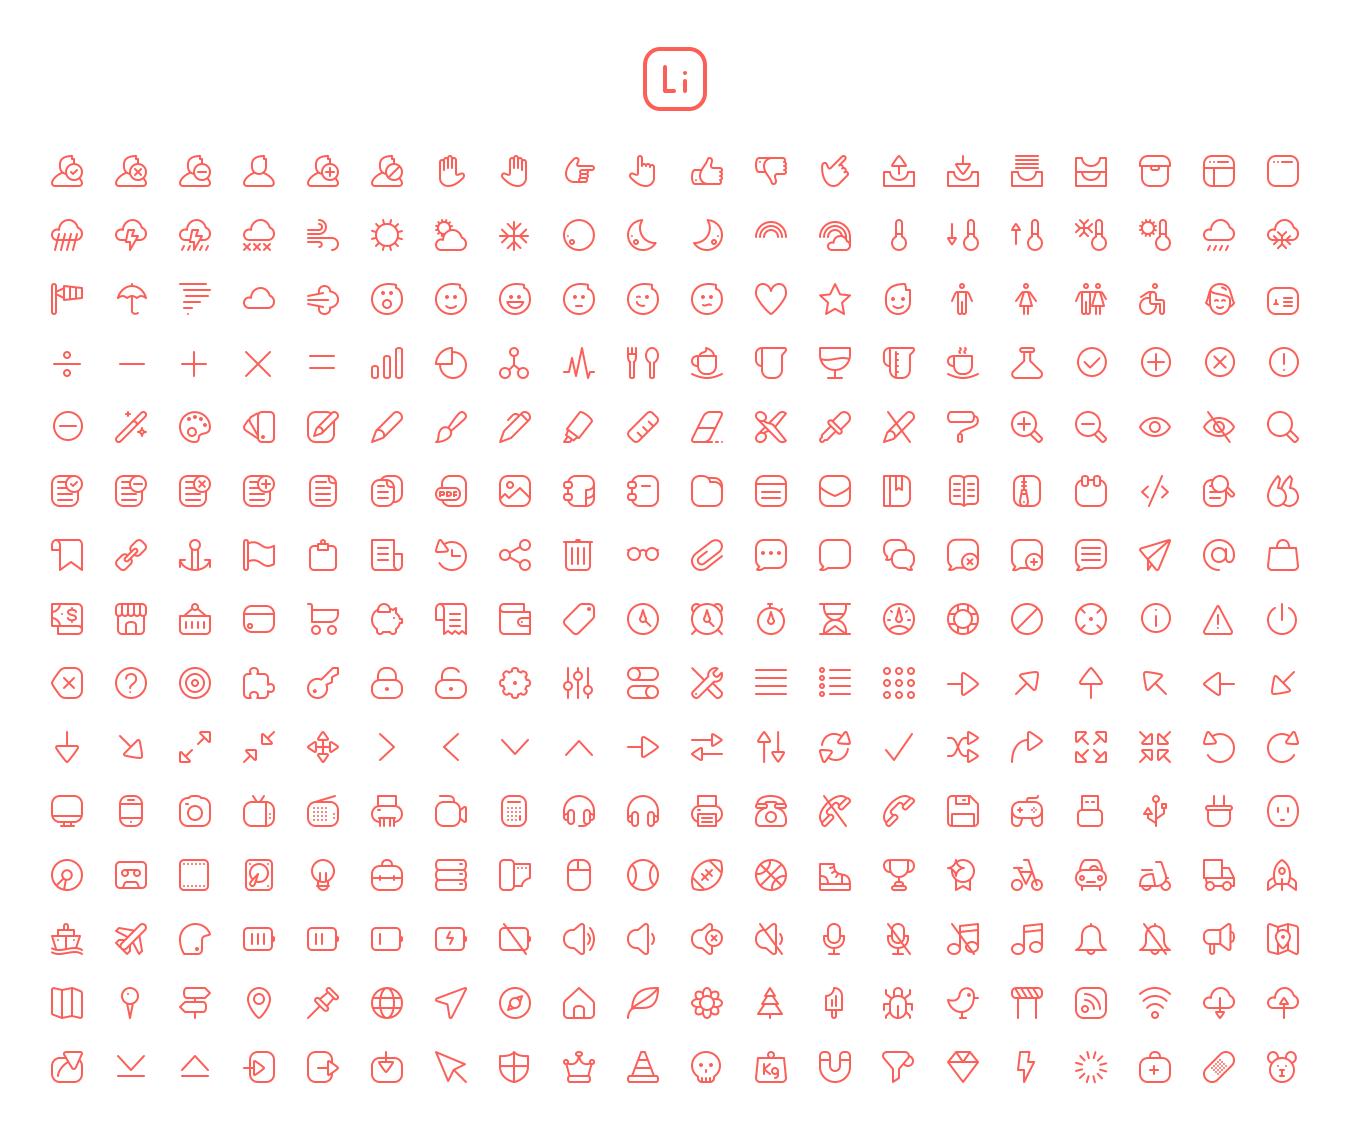 Lítio: pack de iconos vectoriales minimalistas, por el diseñador portugués Andre Goncalves. Descarga: http://cmnt.ca/1fqJcbu